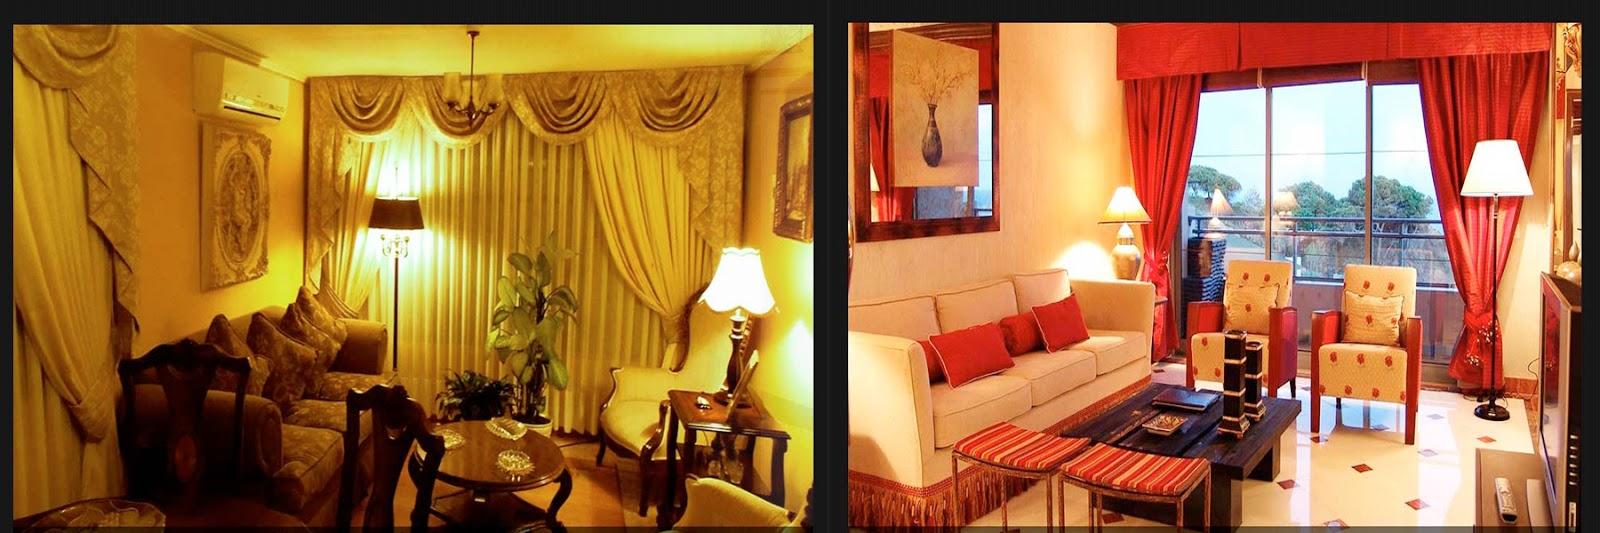 Decoraciones maxs peru cortinas peru cortinas roller - Decoracion cortinas y estores ...